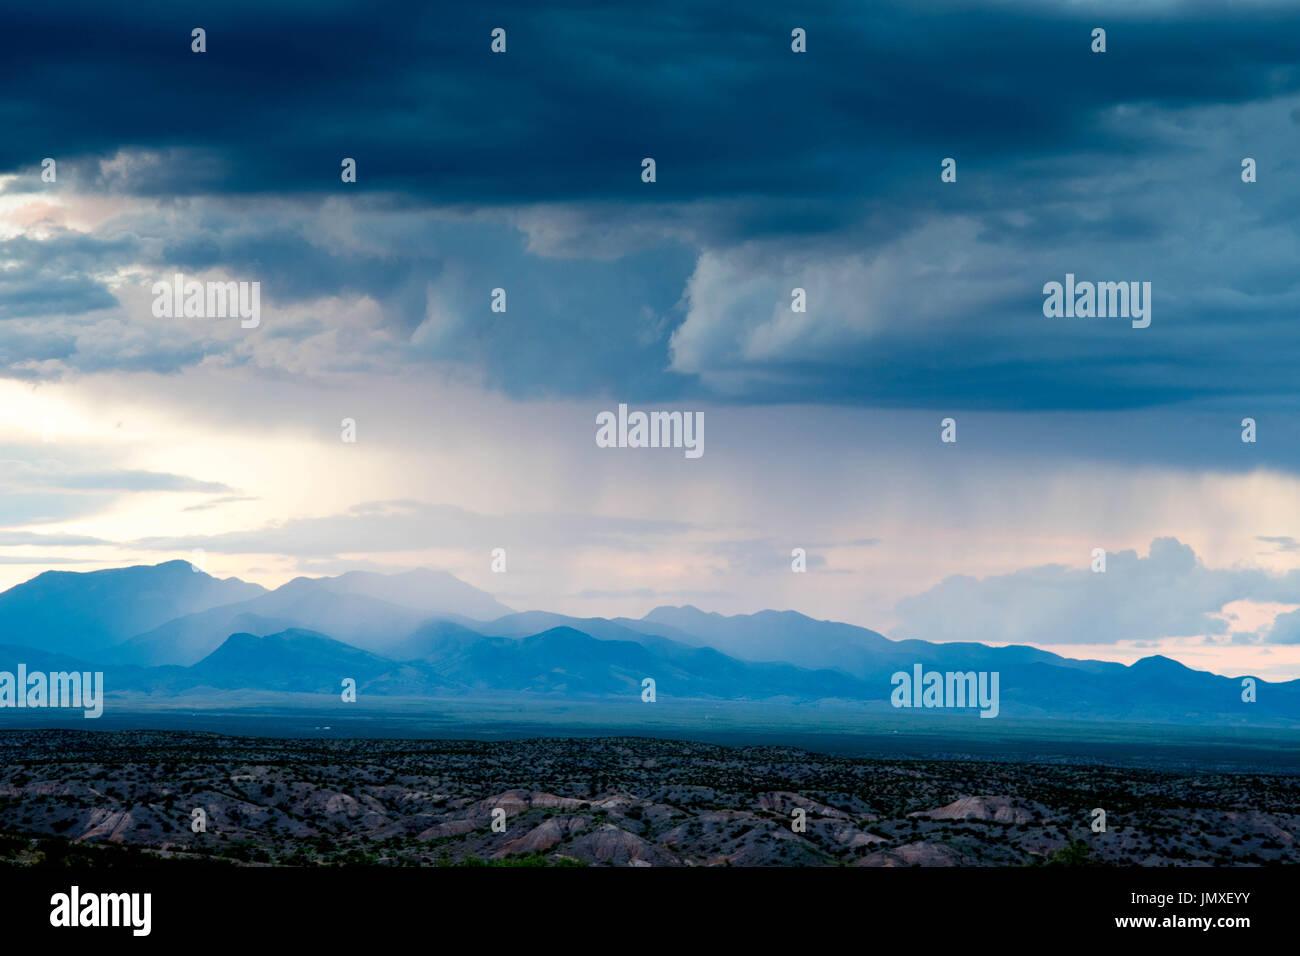 New mexico socorro county magdalena - Monsoon Rainstorm Over The Magdalena Mountains Socorro Co New Mexico Usa